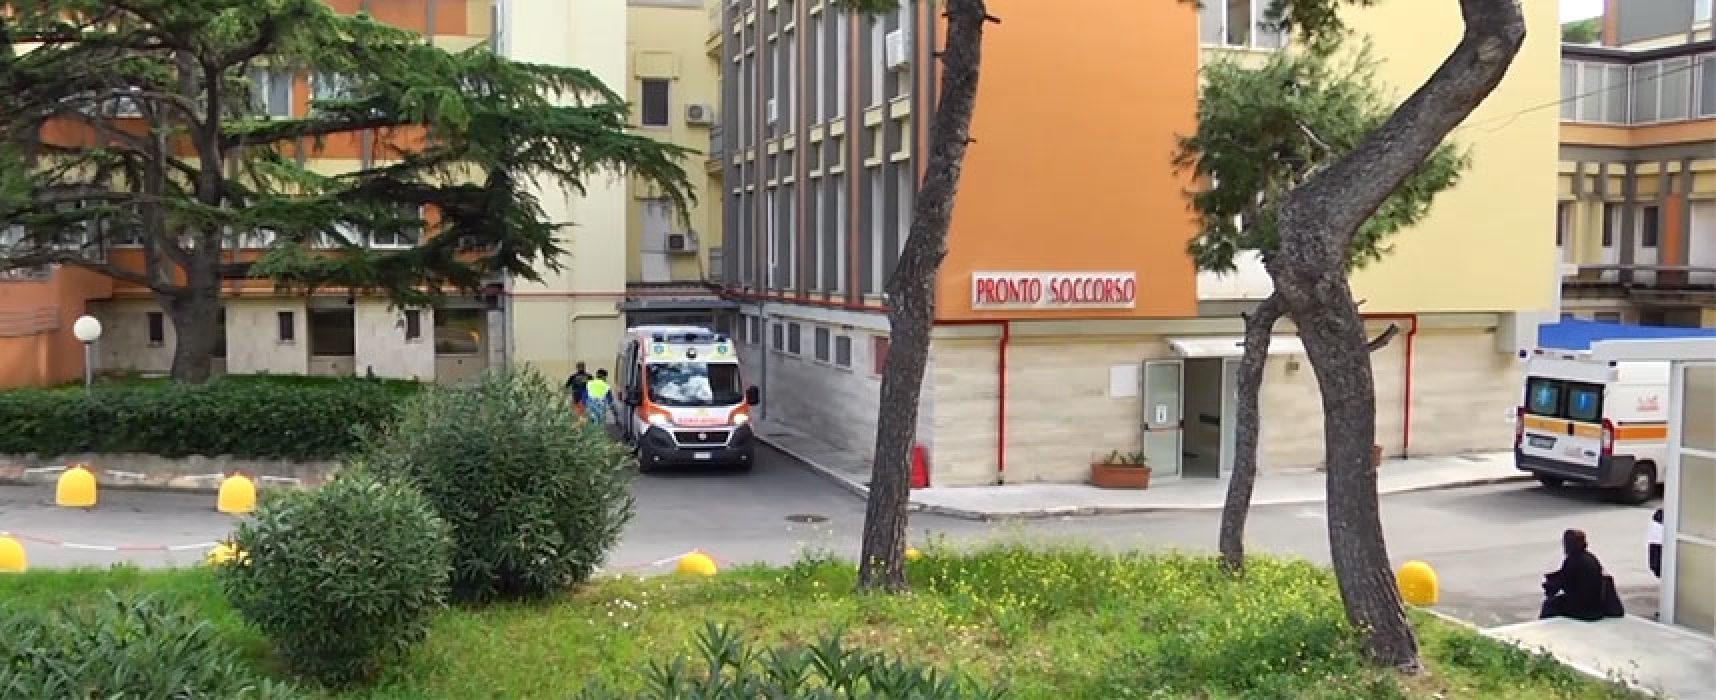 Ospedale Bisceglie: 13 i decessi dall'inizio dell'emergenza, 14 i dimessi